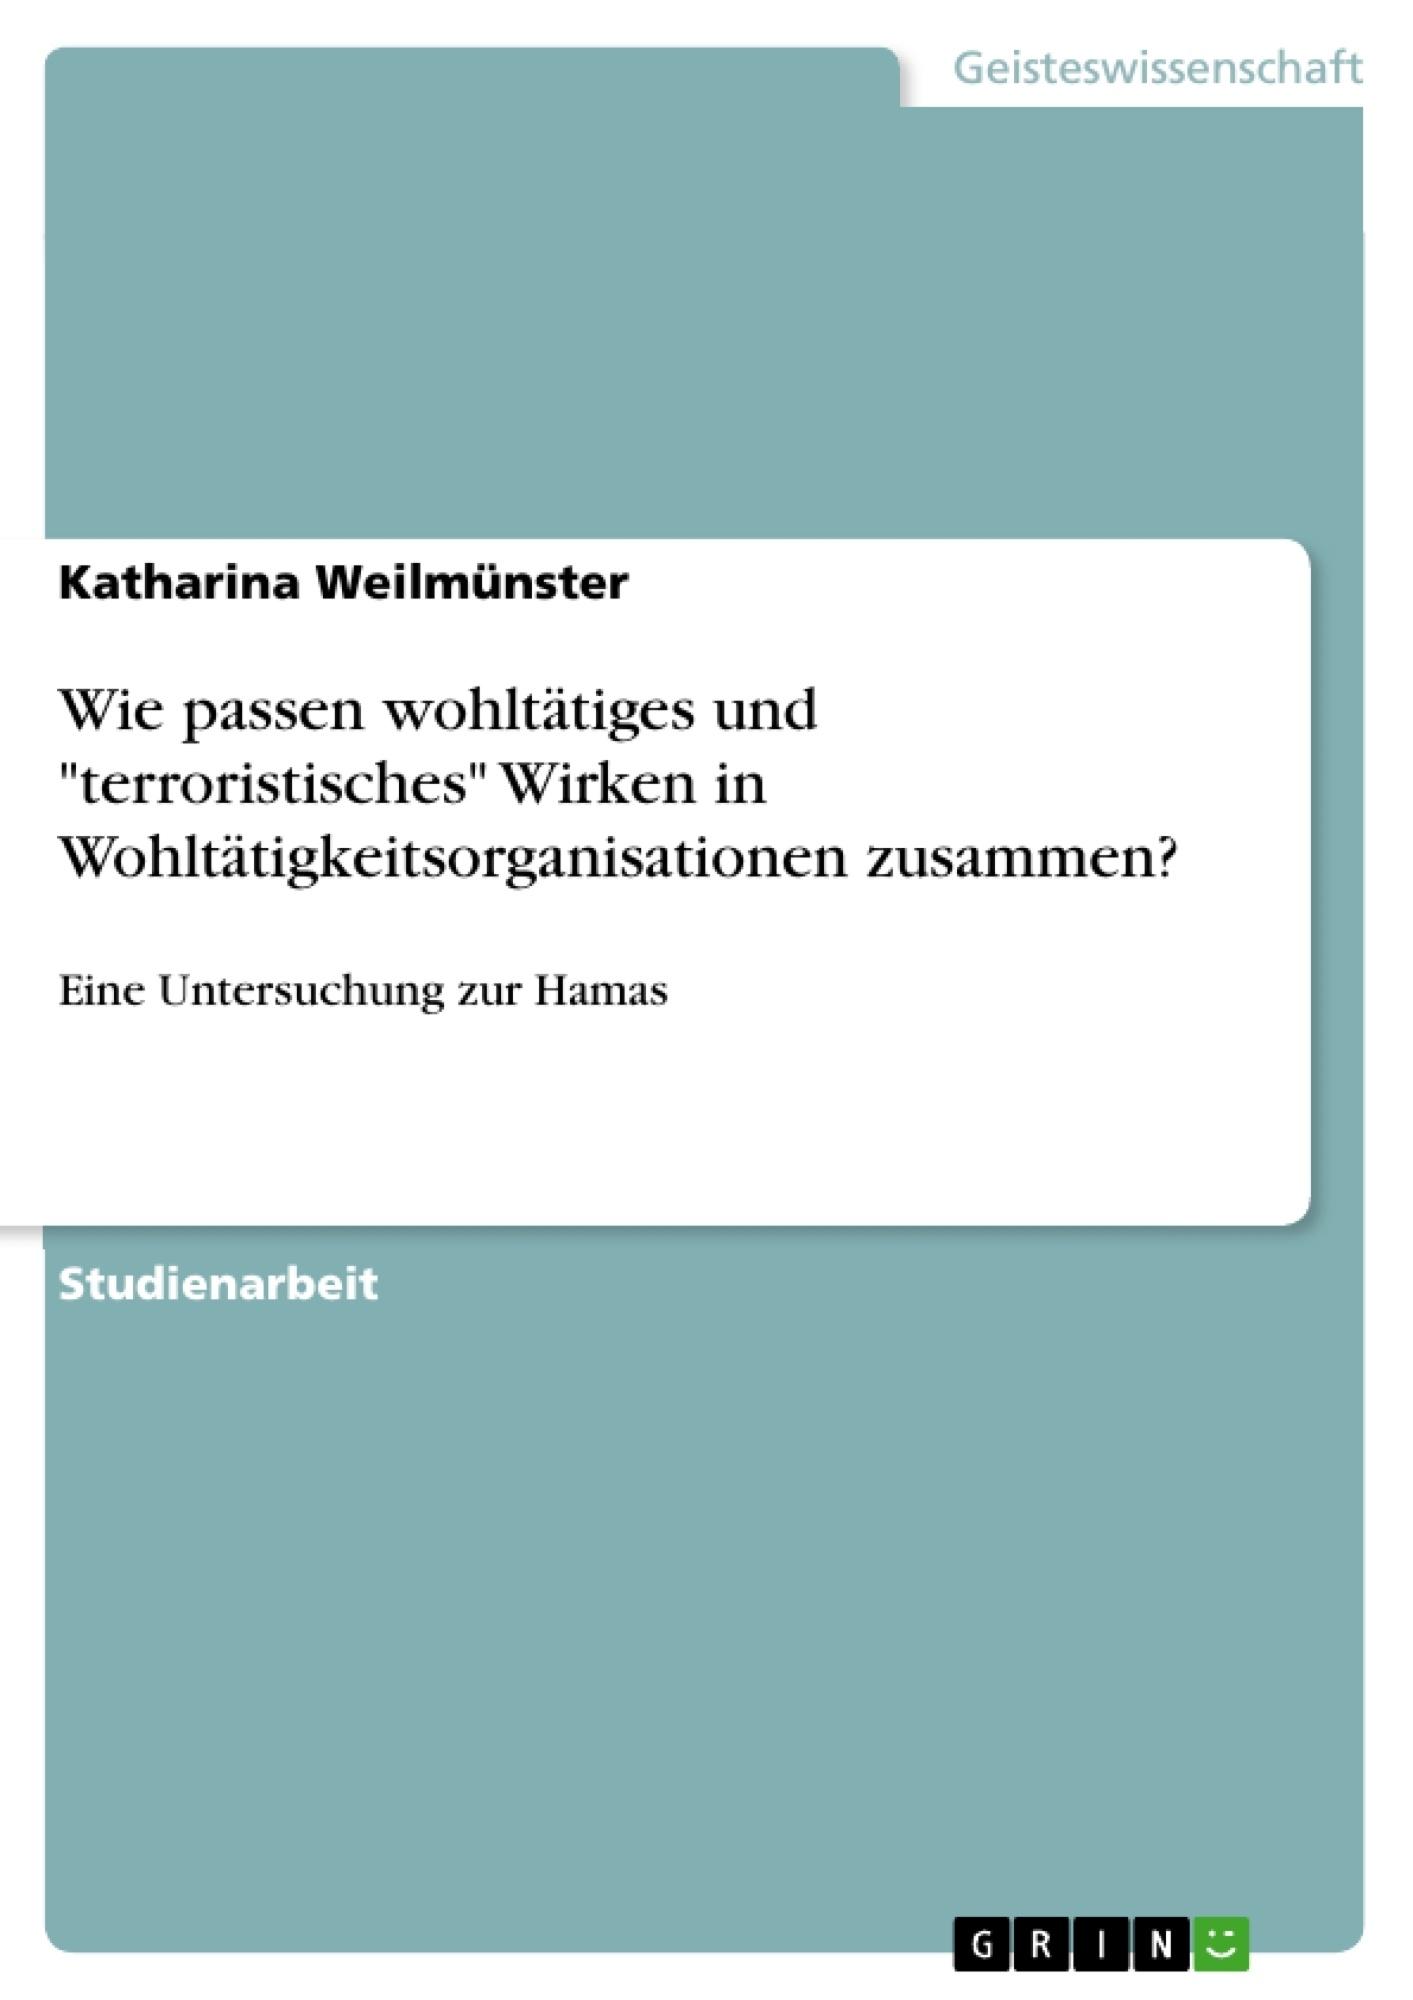 """Titel: Wie passen wohltätiges und """"terroristisches"""" Wirken in Wohltätigkeitsorganisationen zusammen?"""